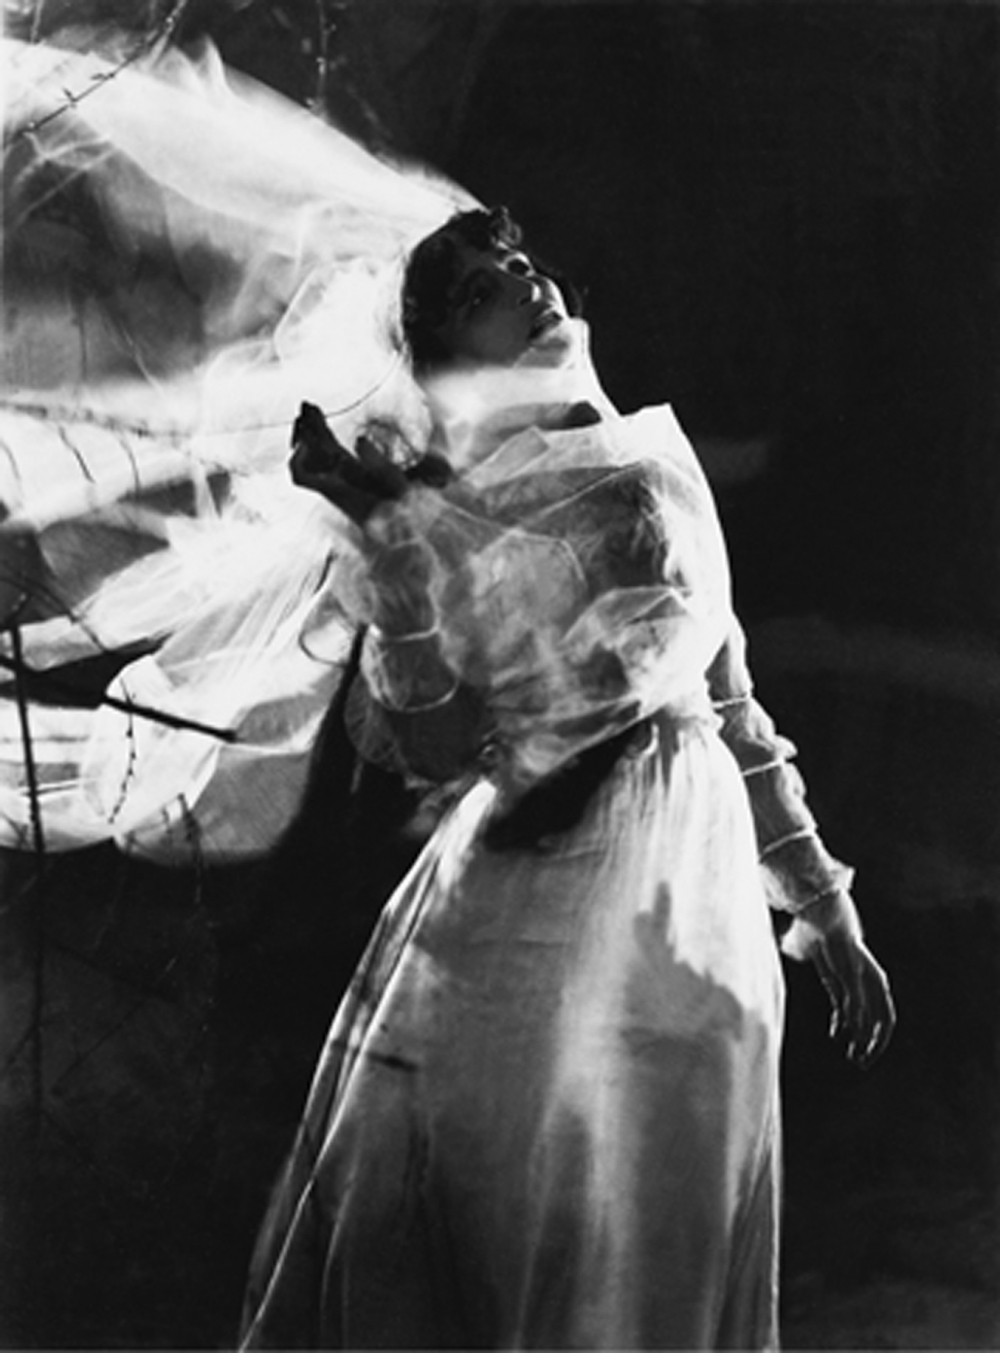 Madeline in shroud (BFI).jpg